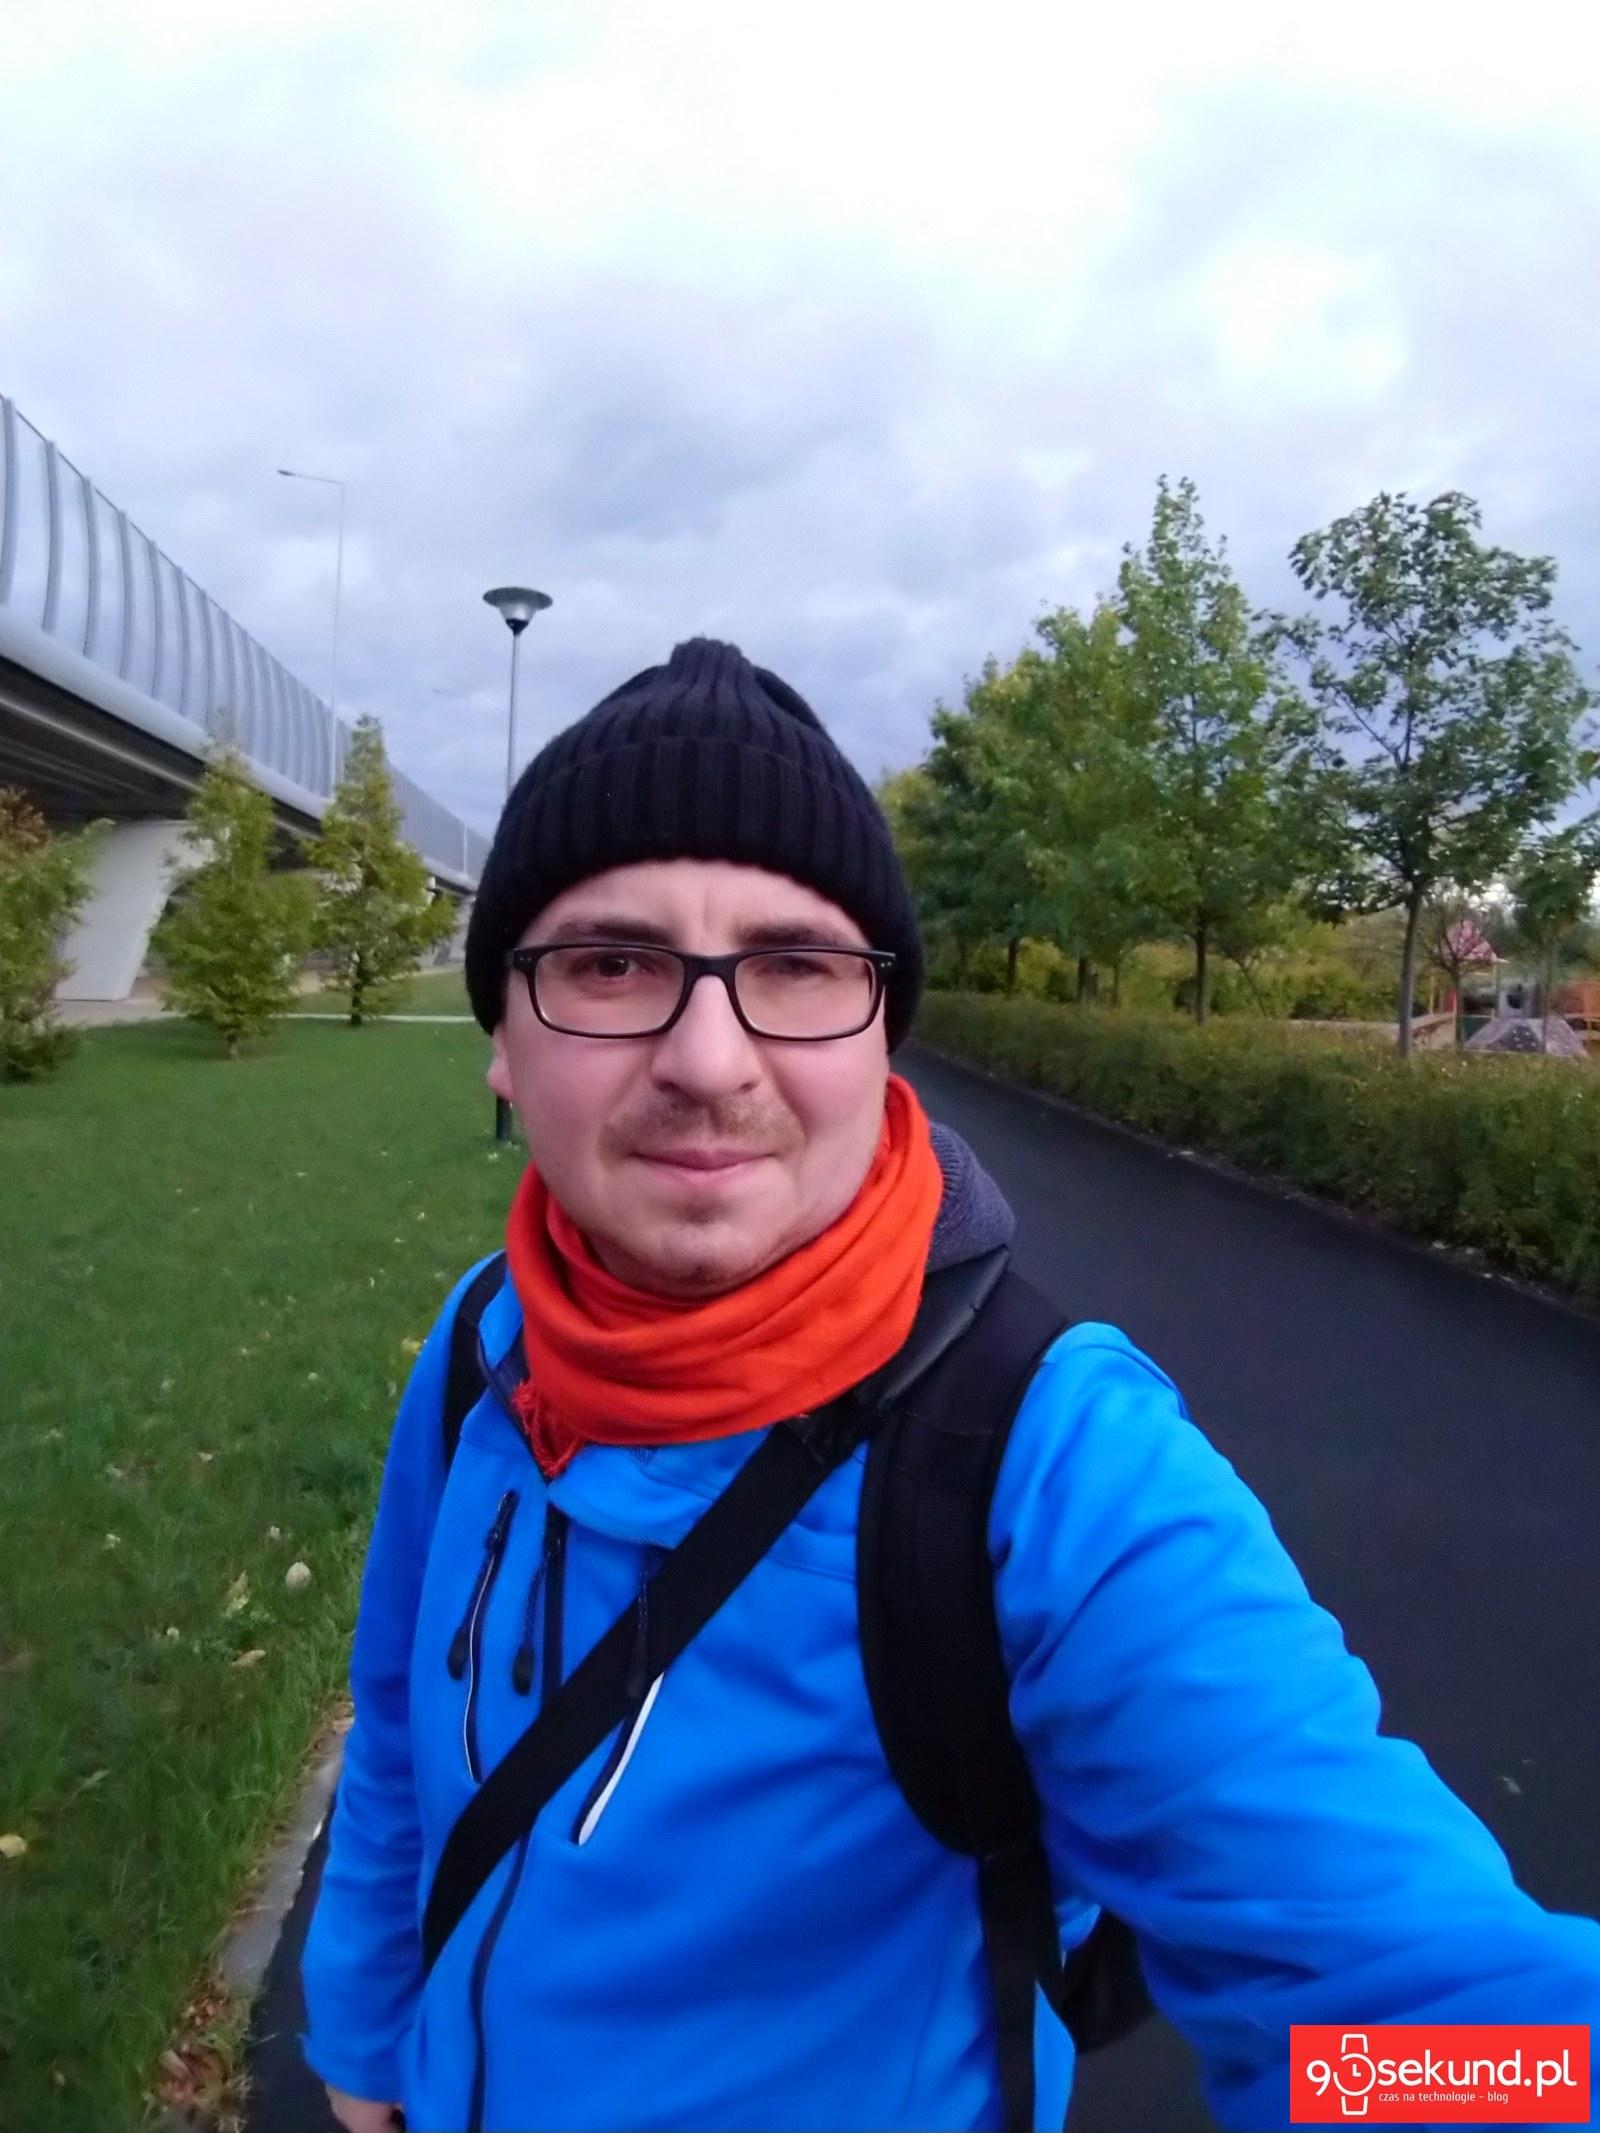 Szeroki kąt - Zdjęcie wykonane Sony Xperia XA2 Plus - 90sekund.pl - Michał Brożyński